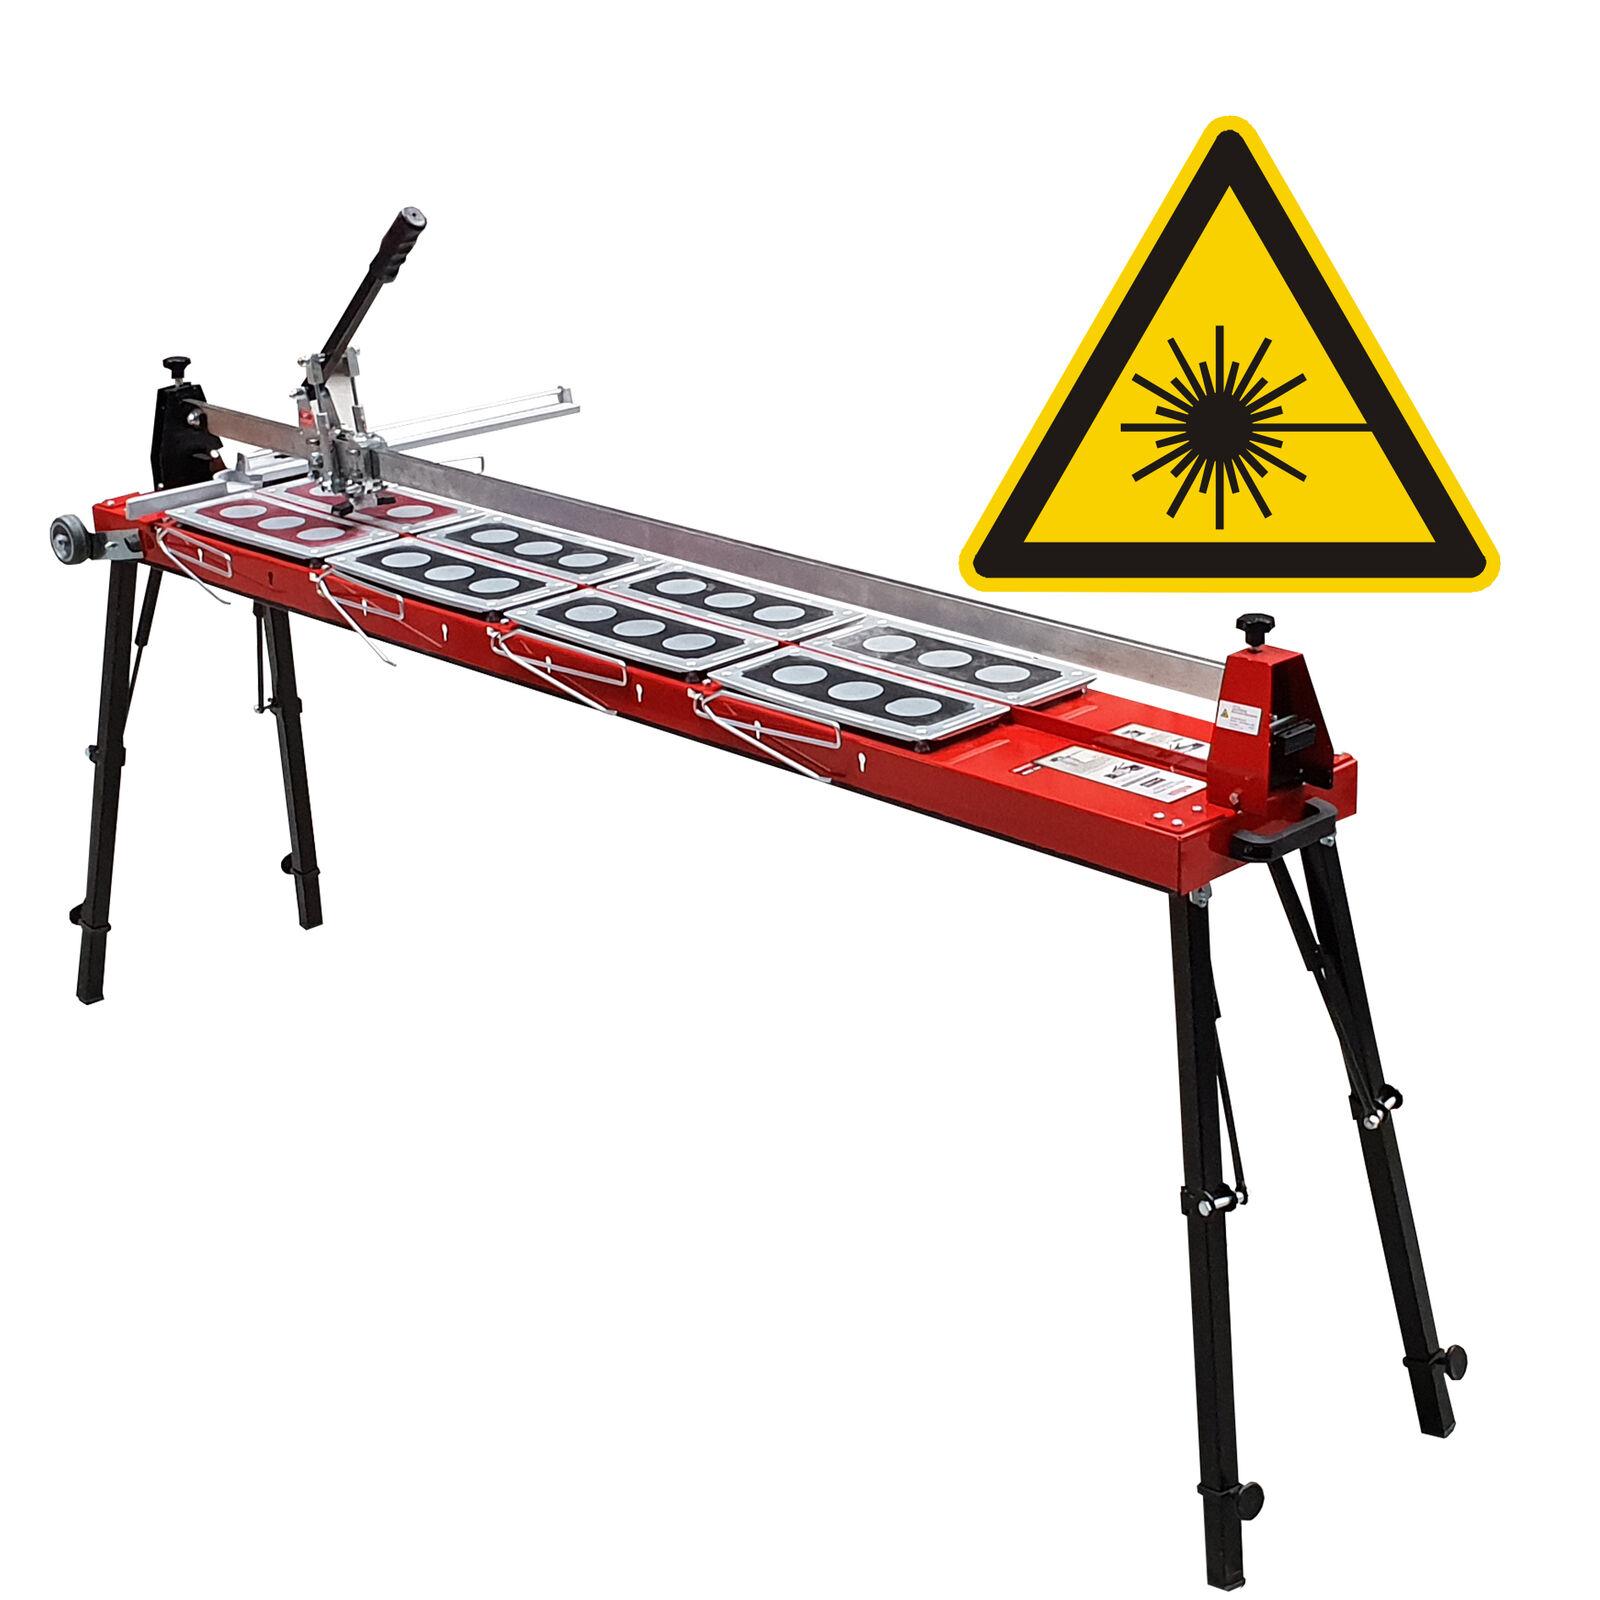 Fliesenschneider GigaCut 1600 mm mit Laser, Beine klappbar und höhenverstellbar | Schön  | Zuverlässige Leistung  | Hat einen langen Ruf